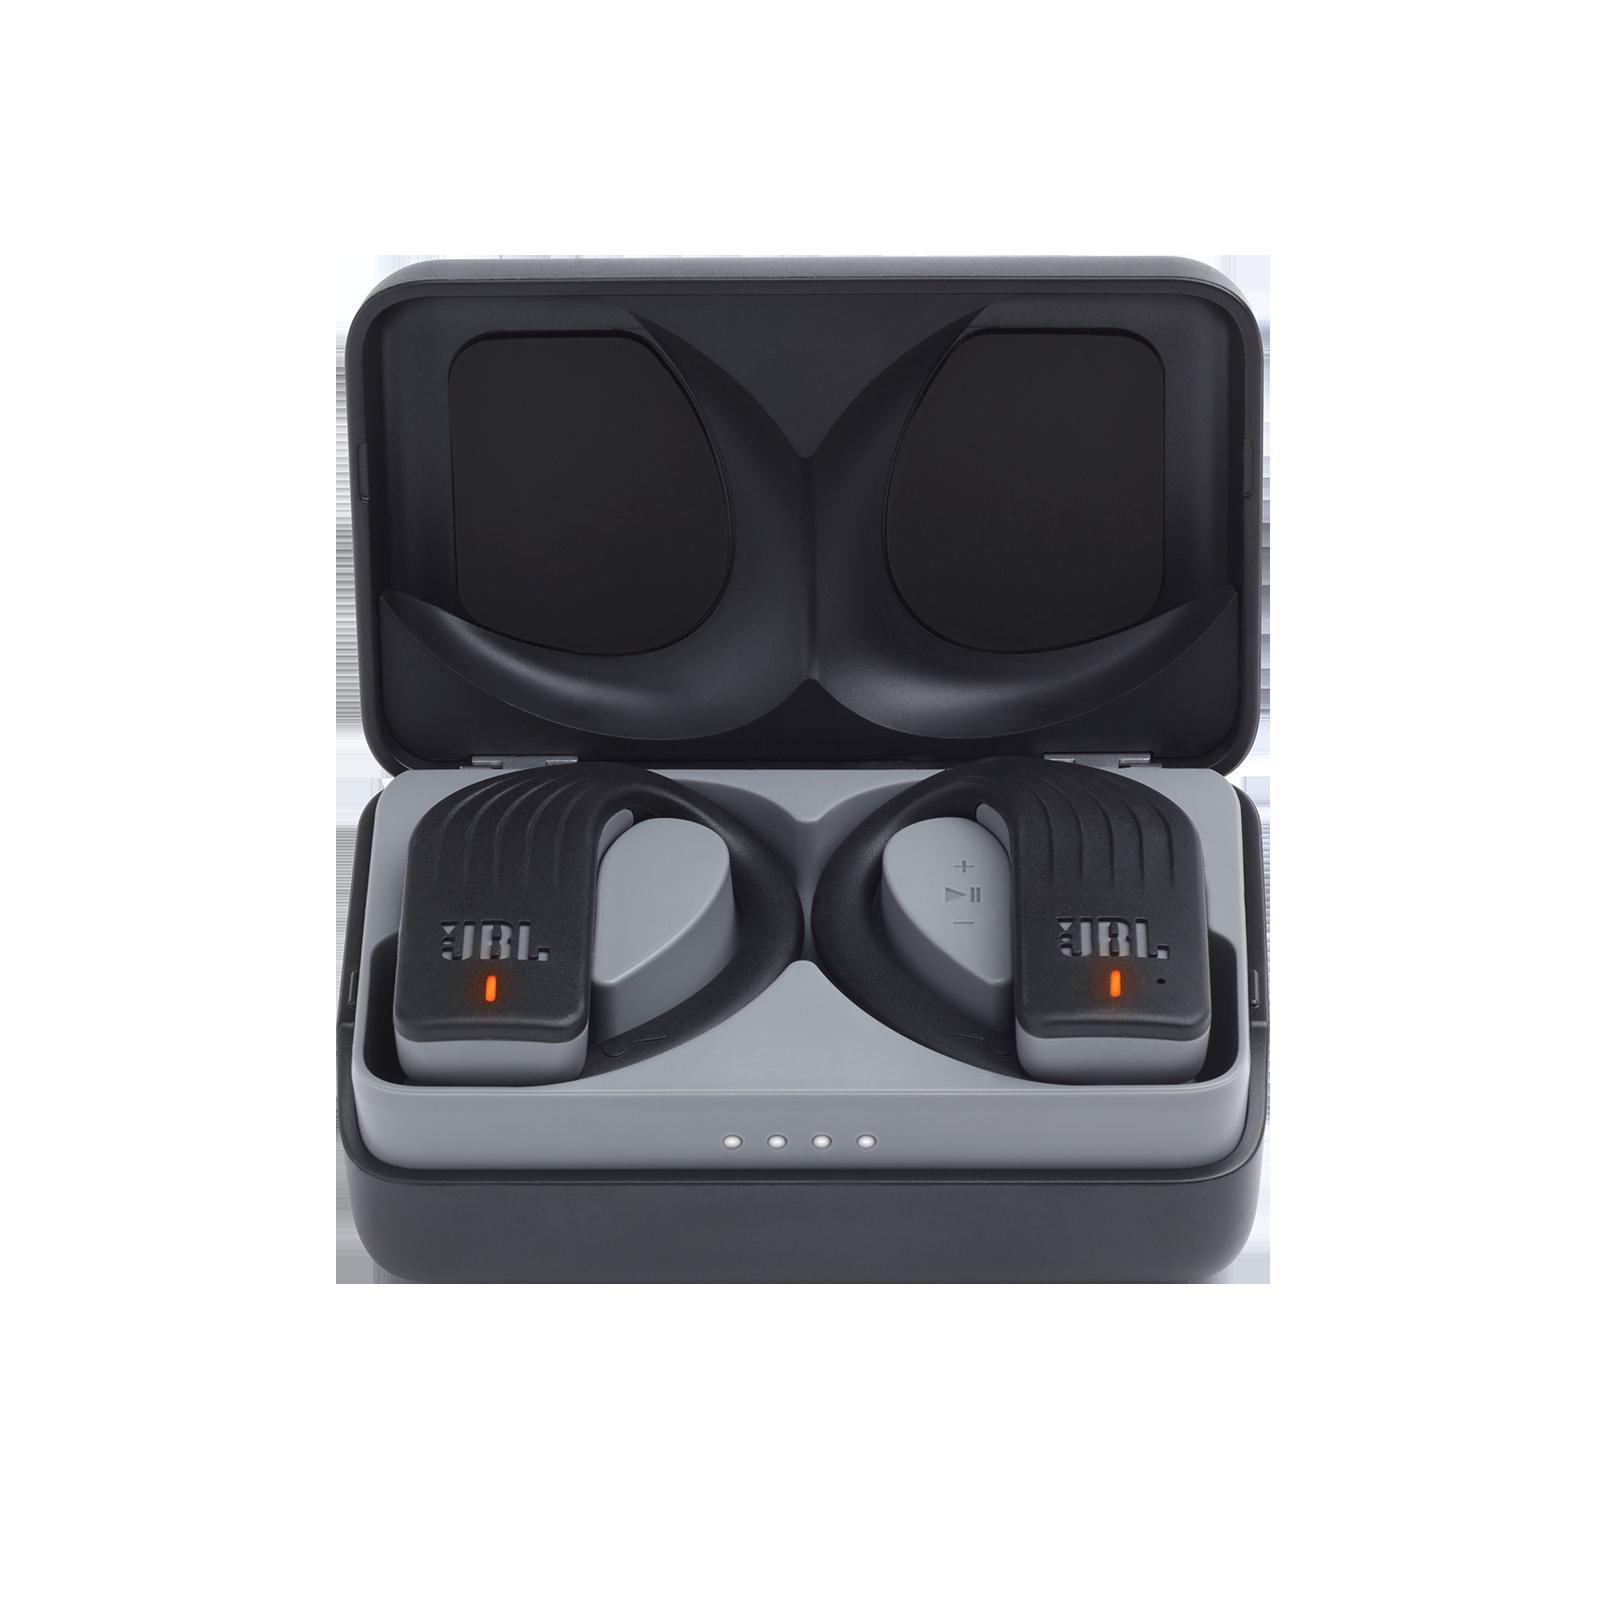 JBL Endurance PEAK - Black - Waterproof True Wireless In-Ear Sport Headphones - Hero